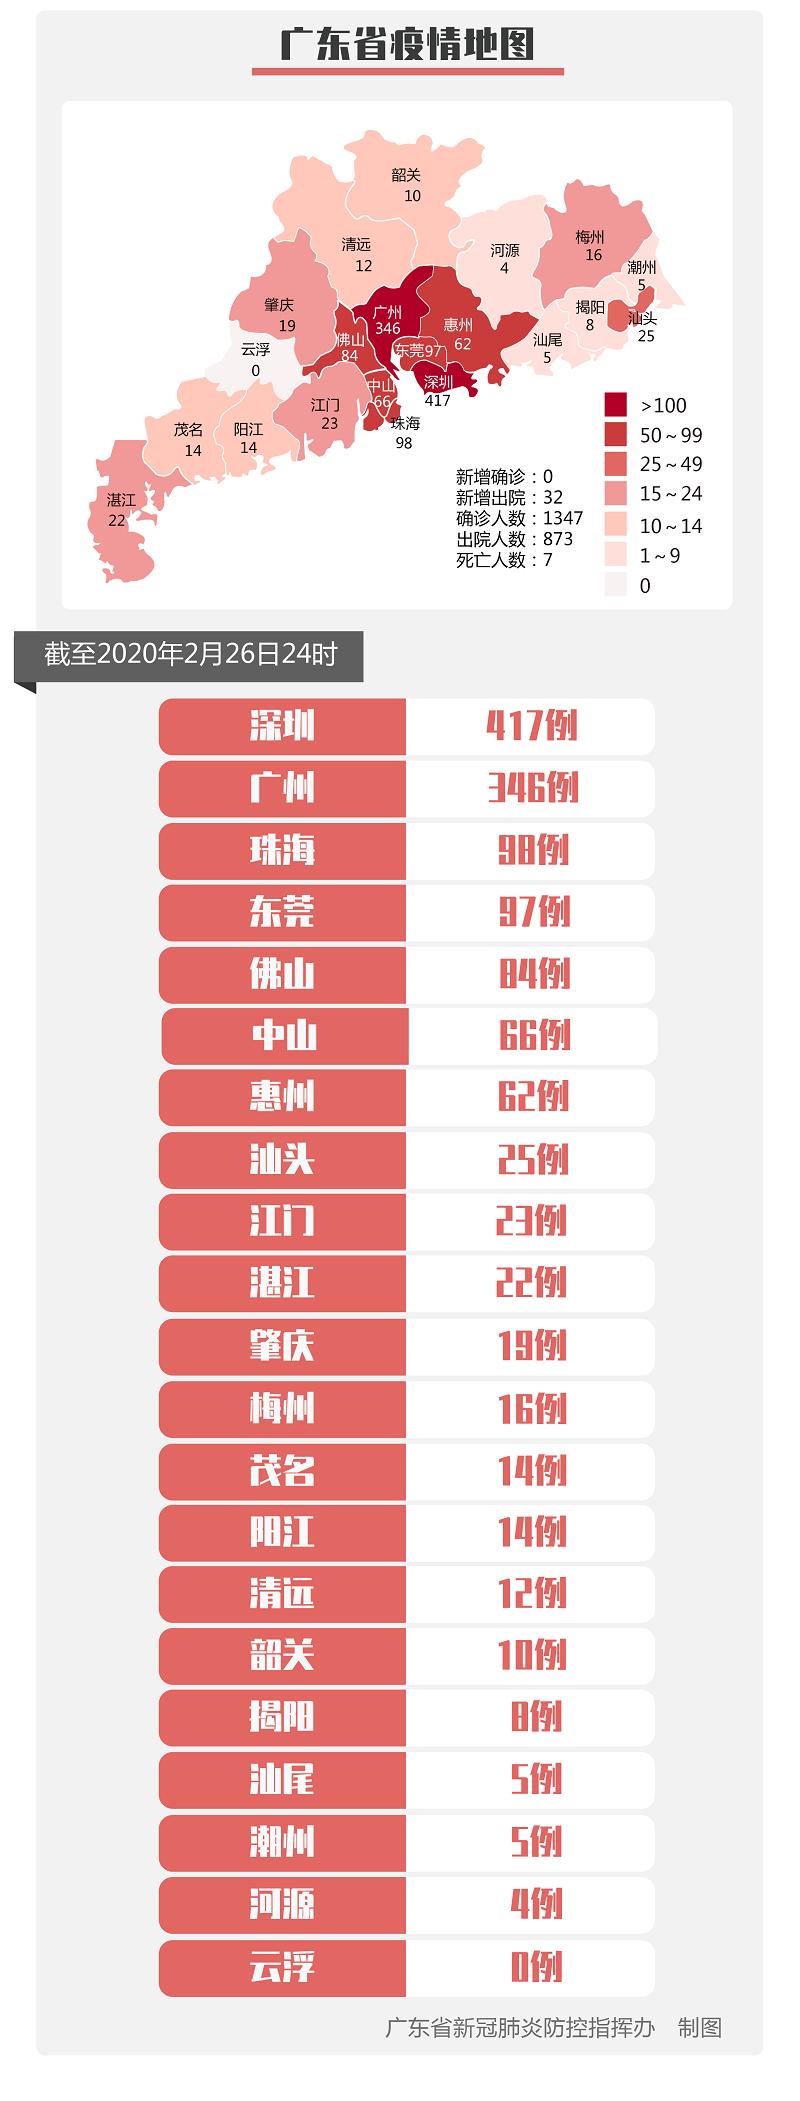 2月26日广东新型冠状病毒感染肺炎疫情 无新增确诊病例 累计1347例